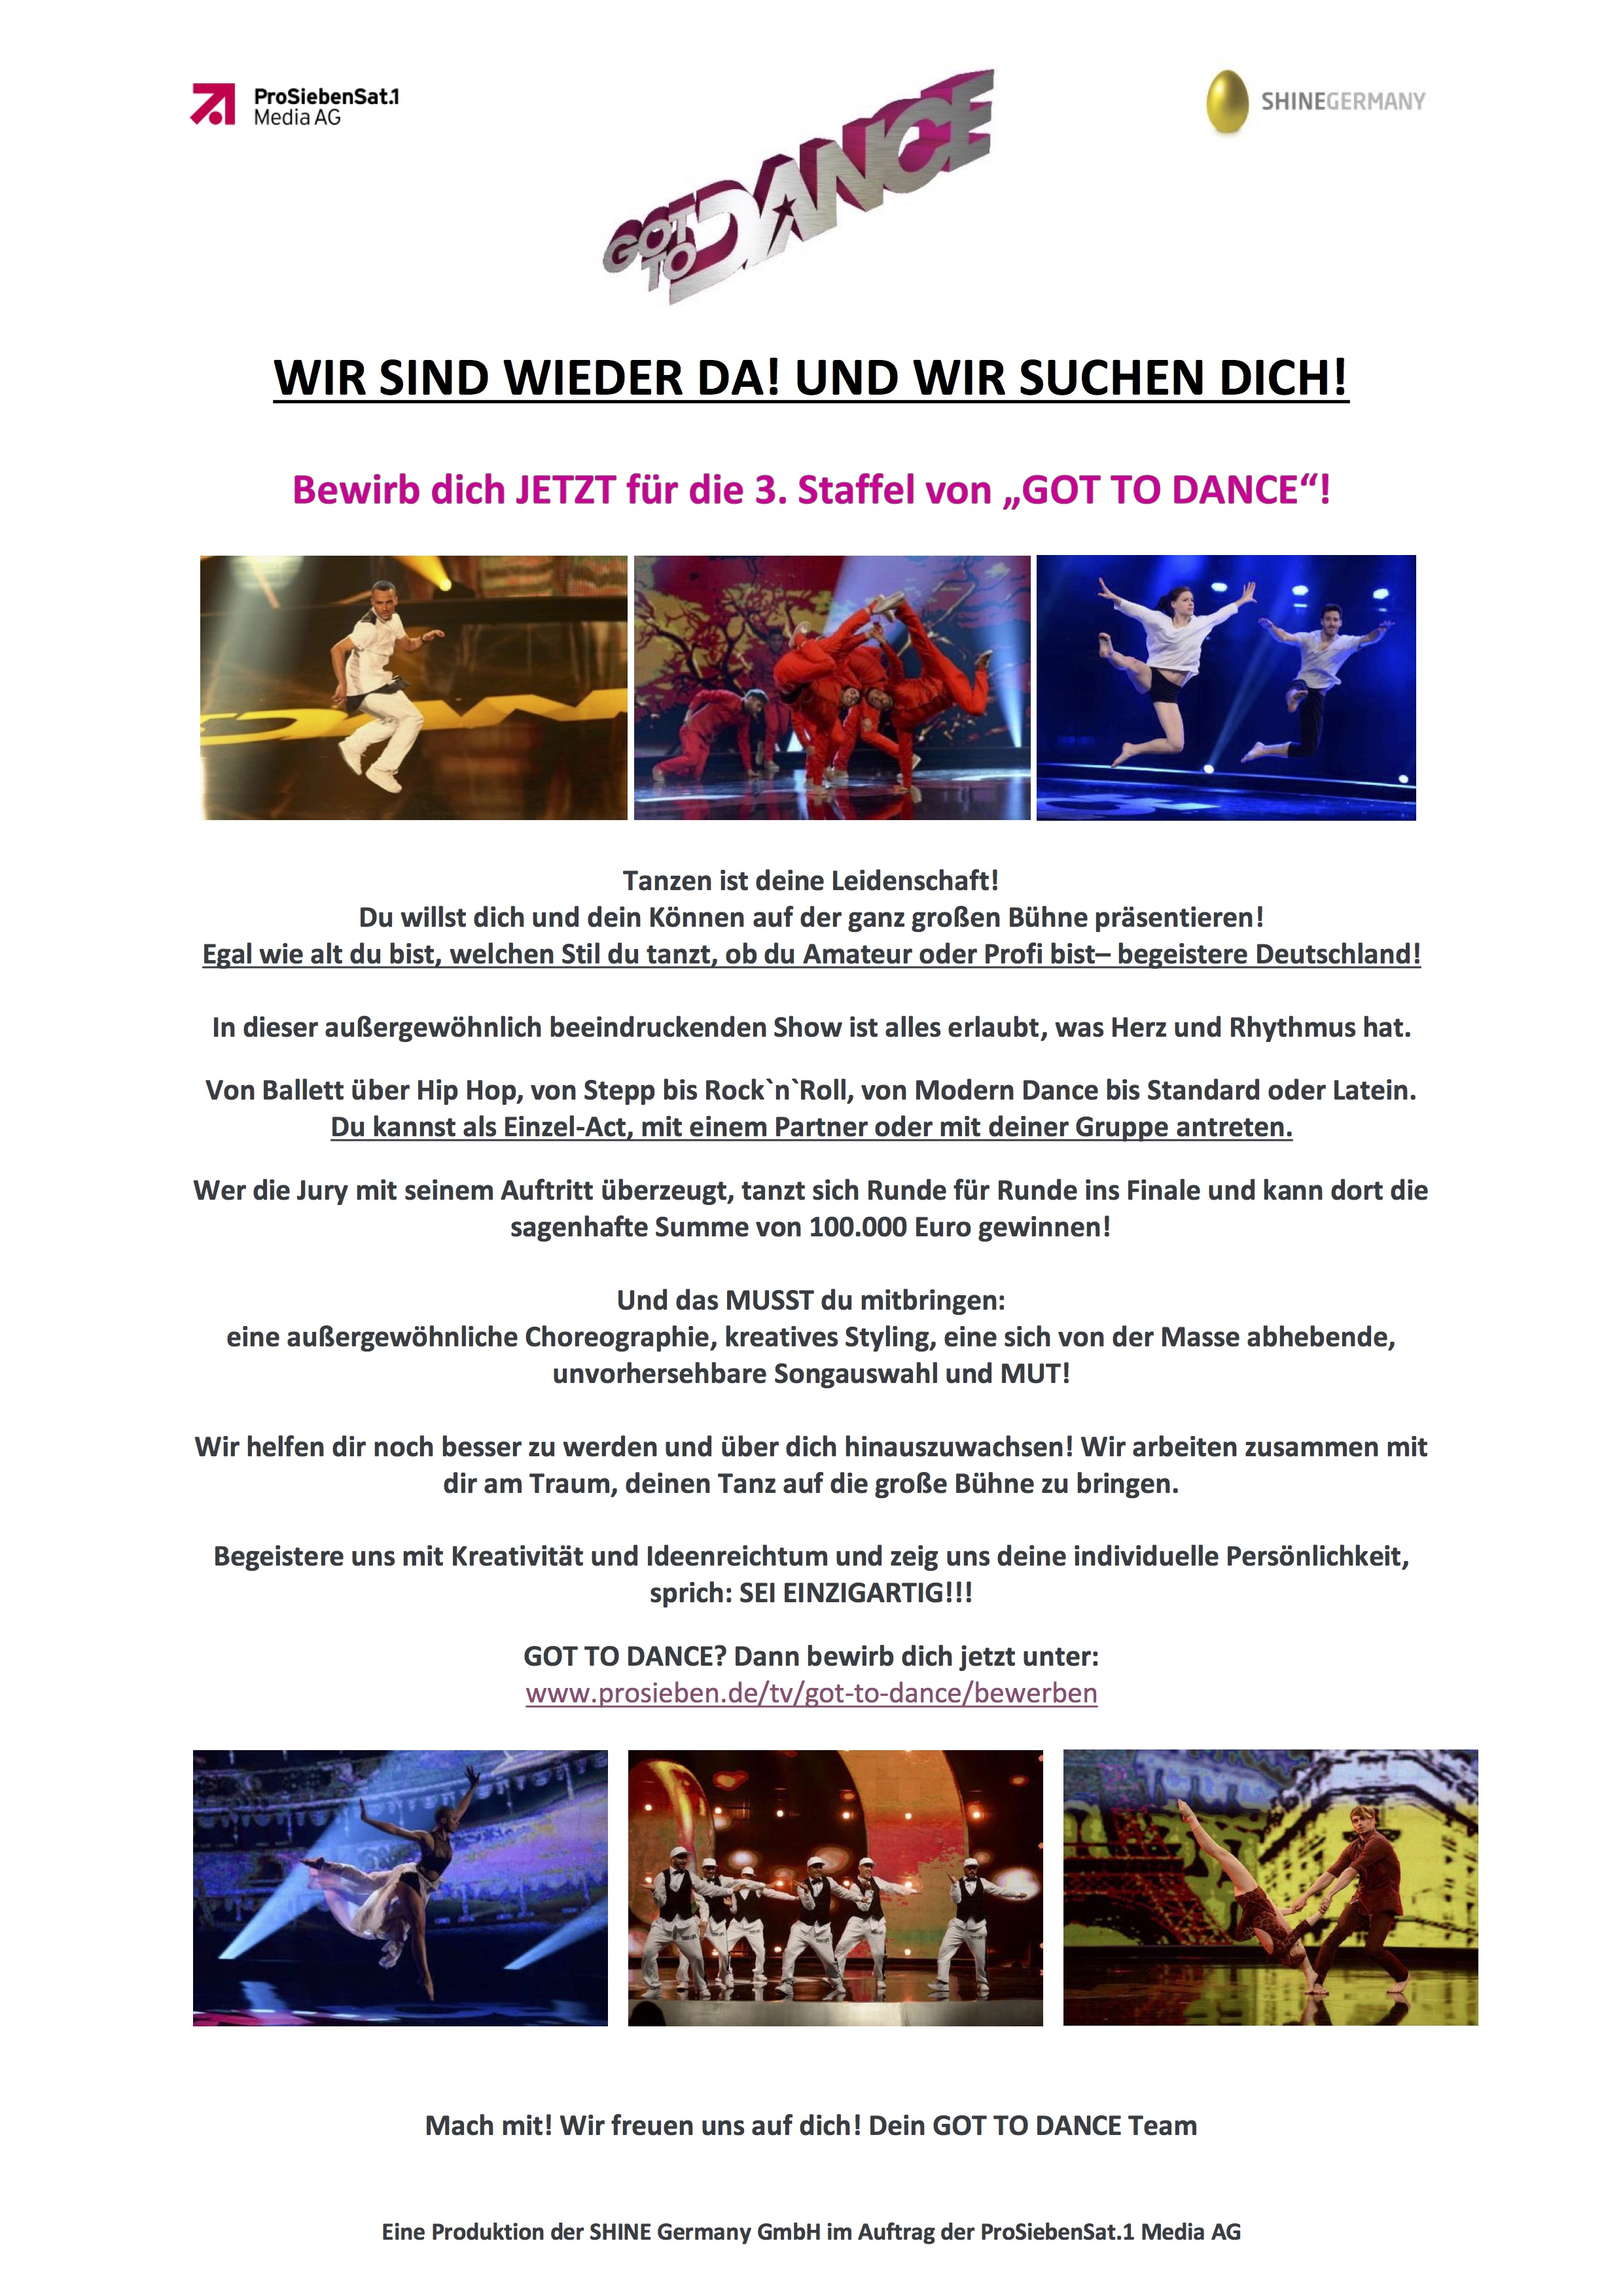 Got to Dance III - Wir suchen Dich